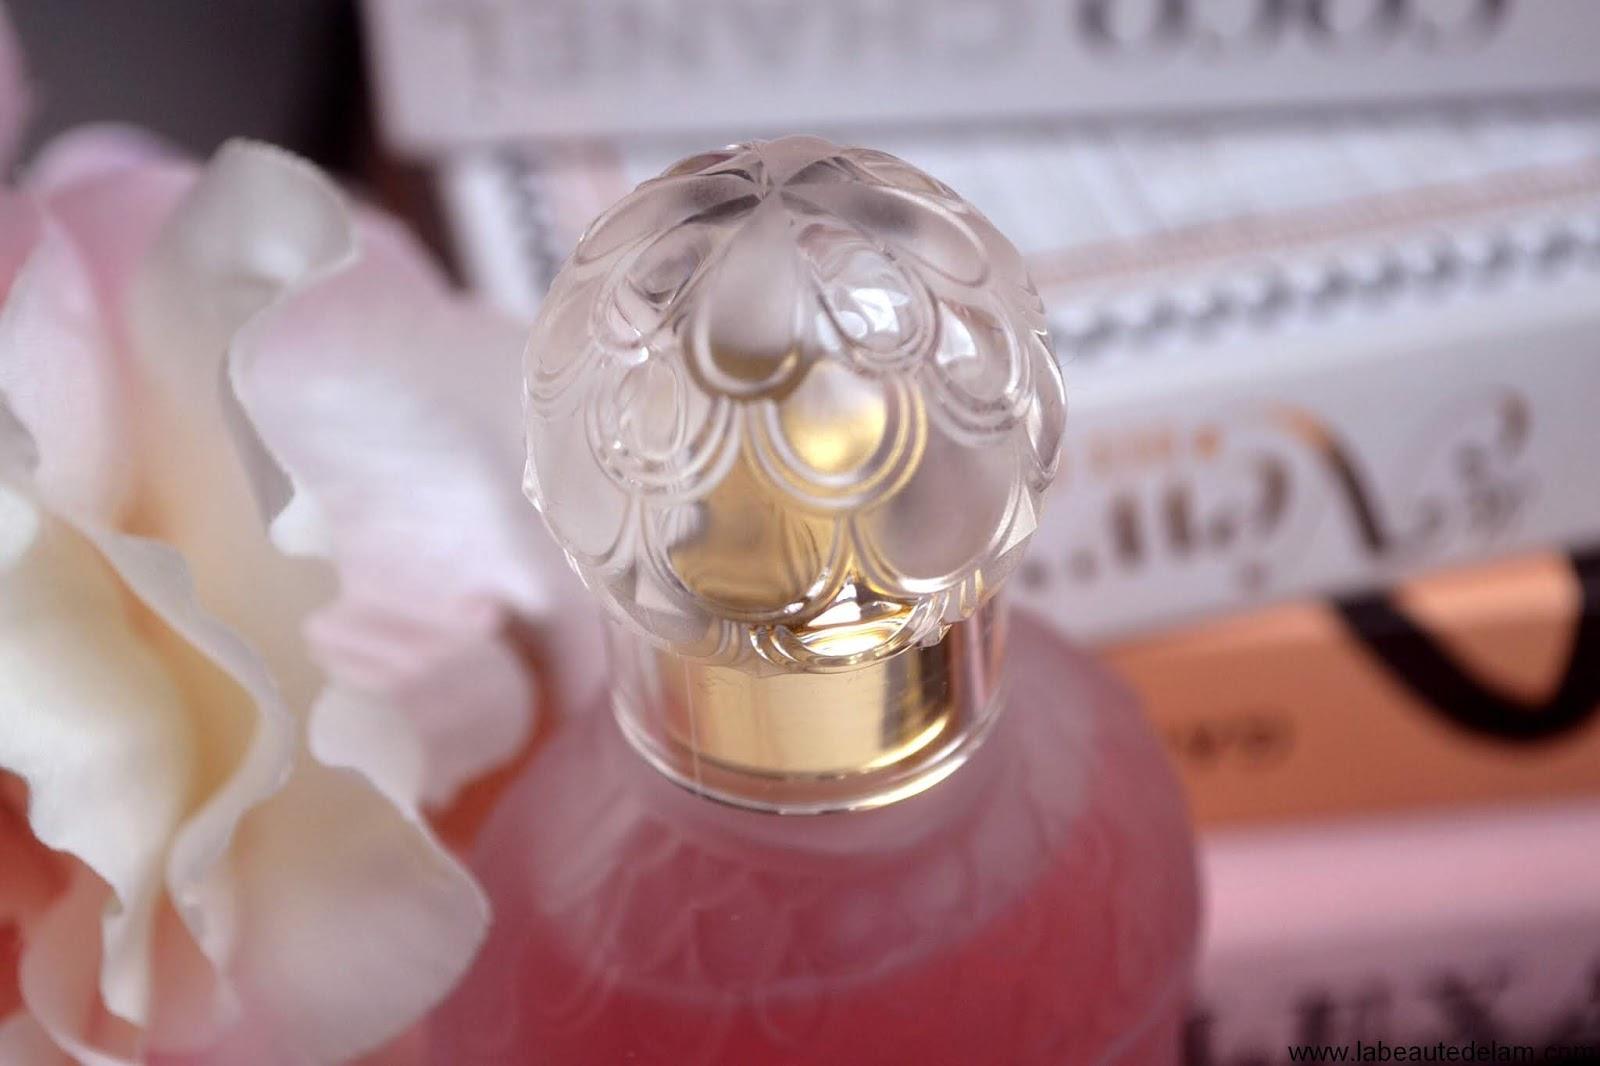 Guerlain Premier InsolenceMon Parfum Guerlain Premier InsolenceMon Parfum Guerlain Parfum InsolenceMon Premier EWH2ID9